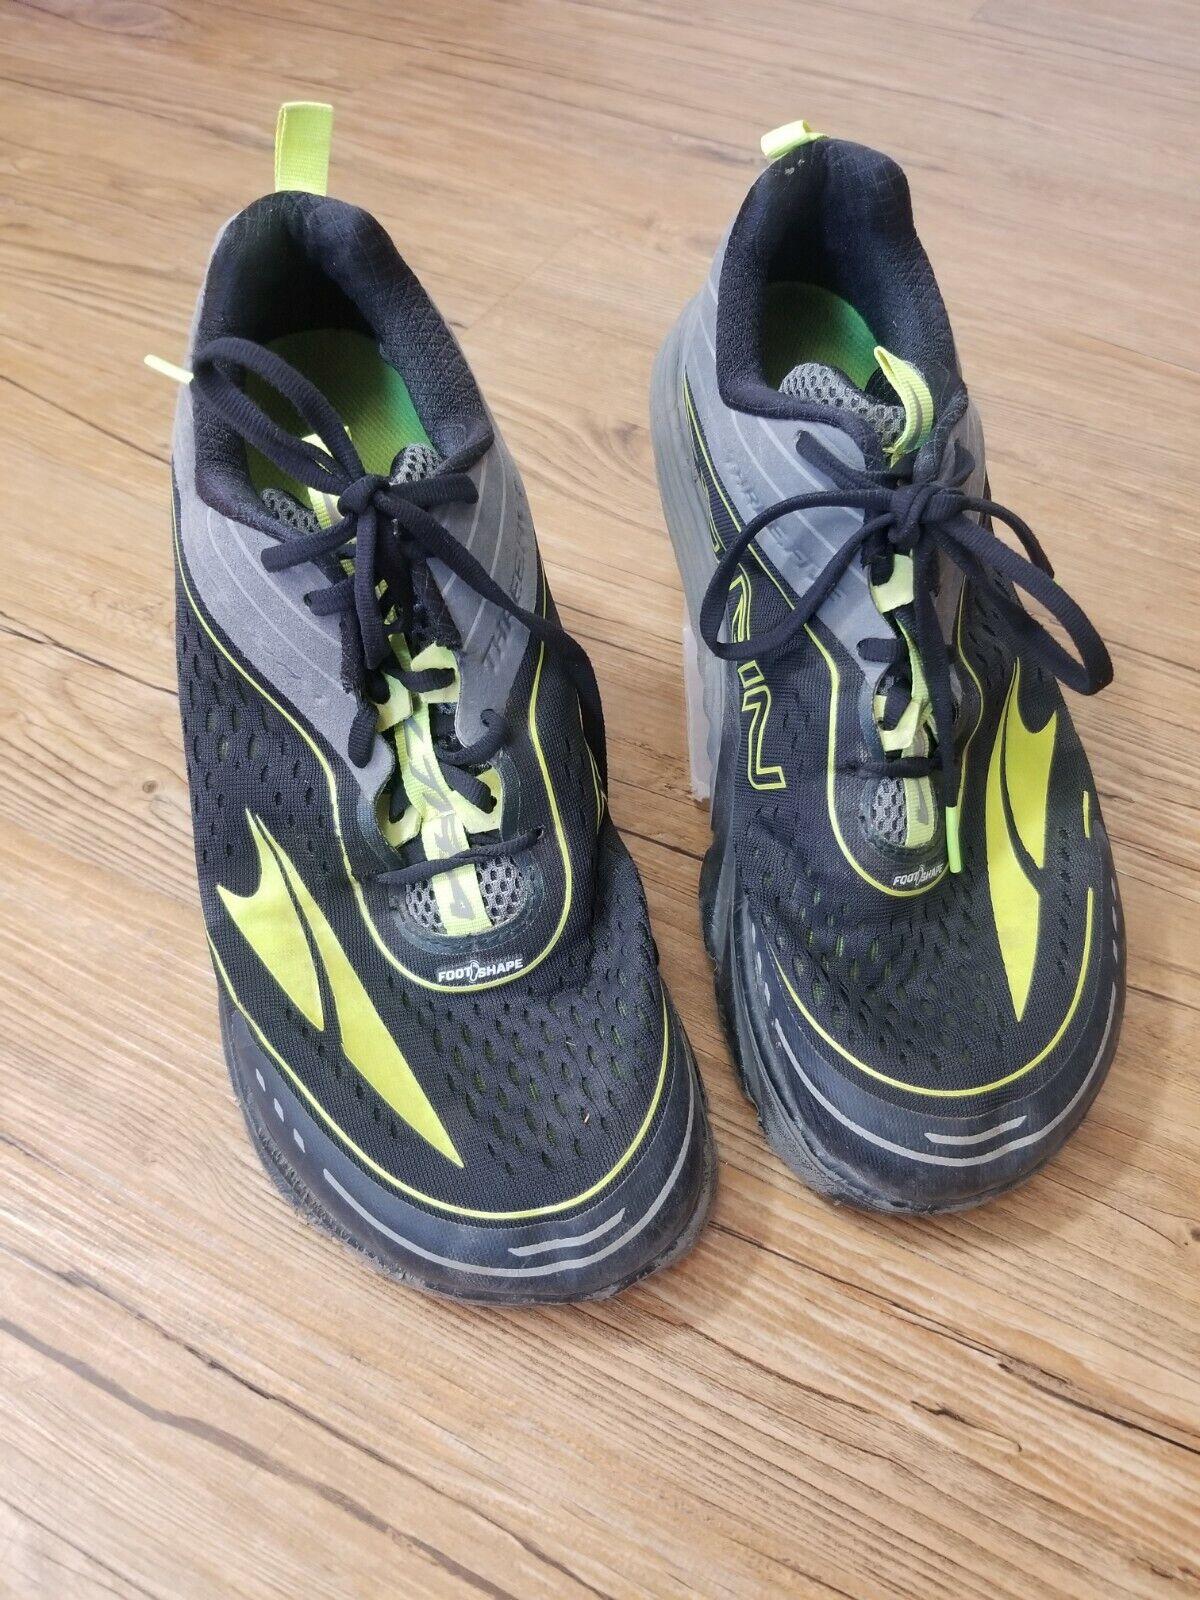 Altra Torin Taille 11 trois cinq Homme Chaussure De Course (AFW1837F-01) zéro drop * lire *